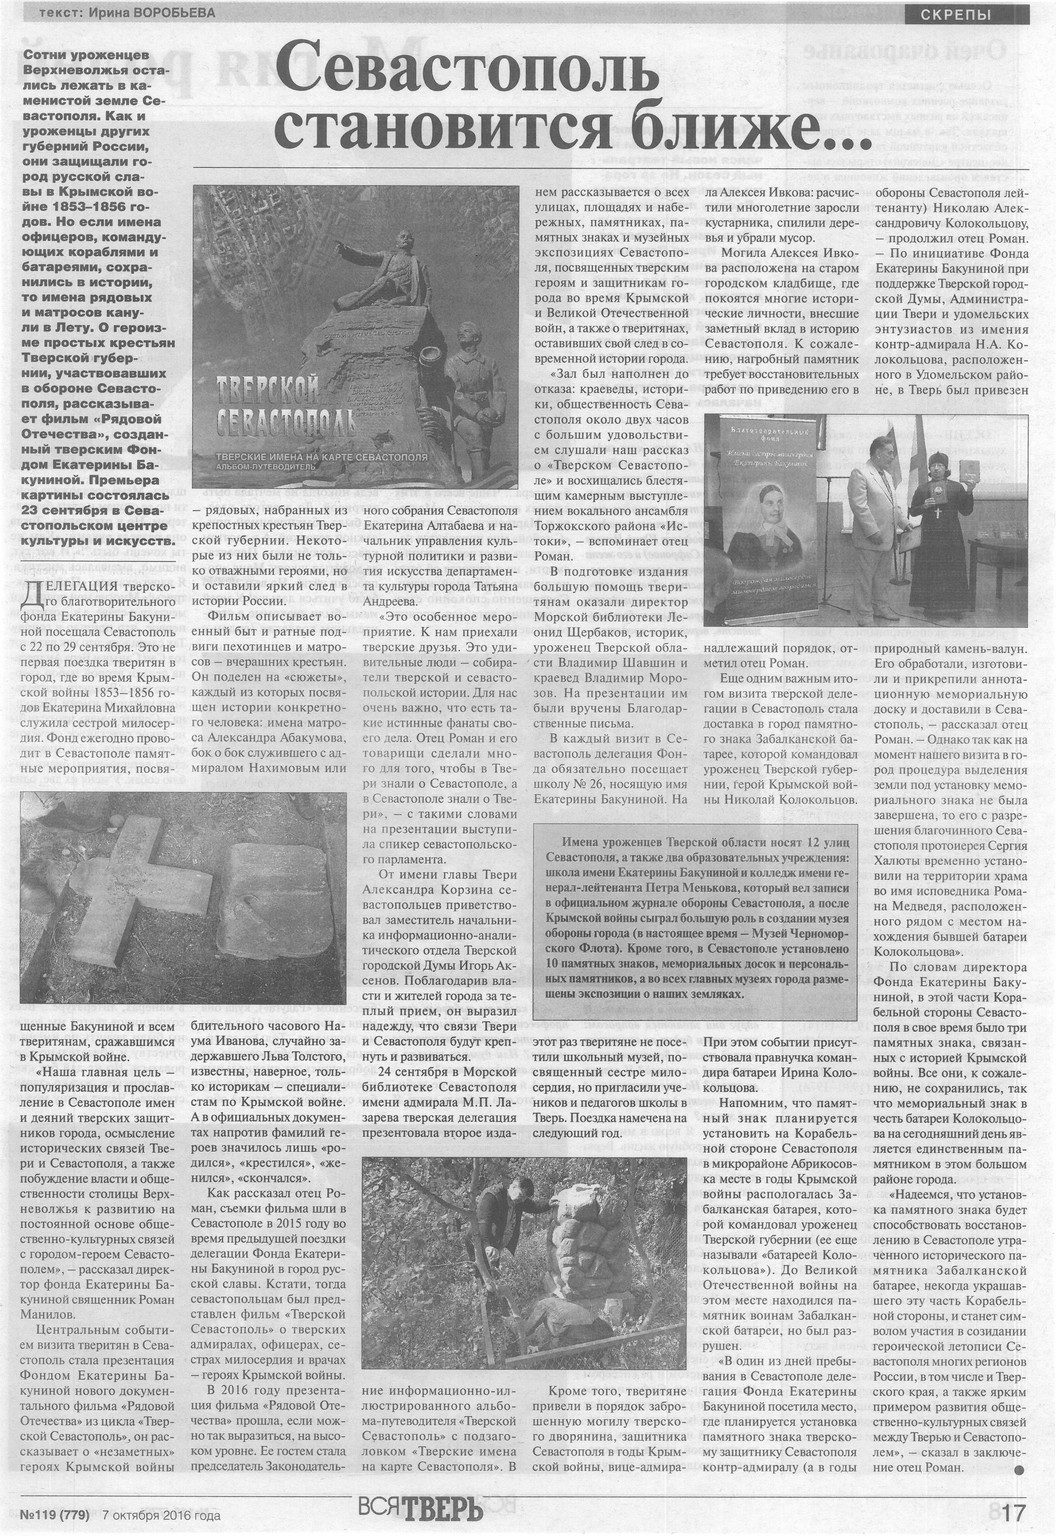 Газета статья Севастополь